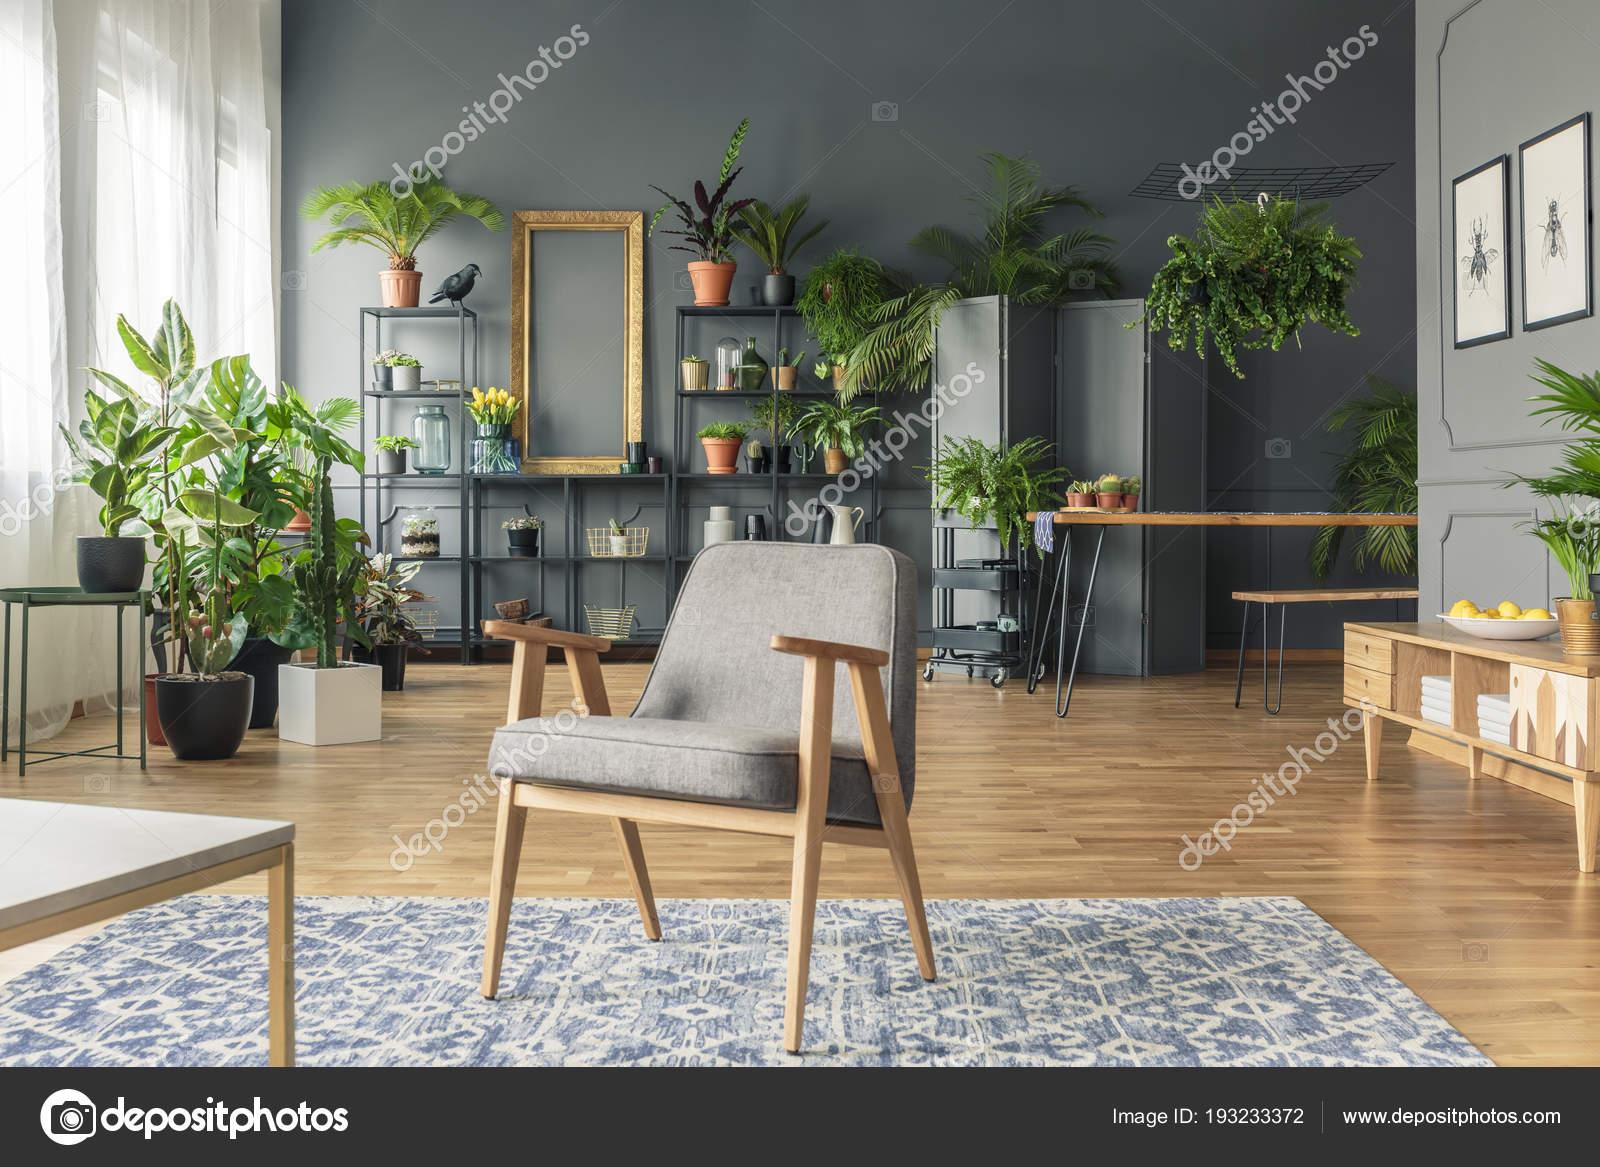 Donkere Vintage Woonkamer : Vintage grijze fauteuil het midden van een tropische woonkamer